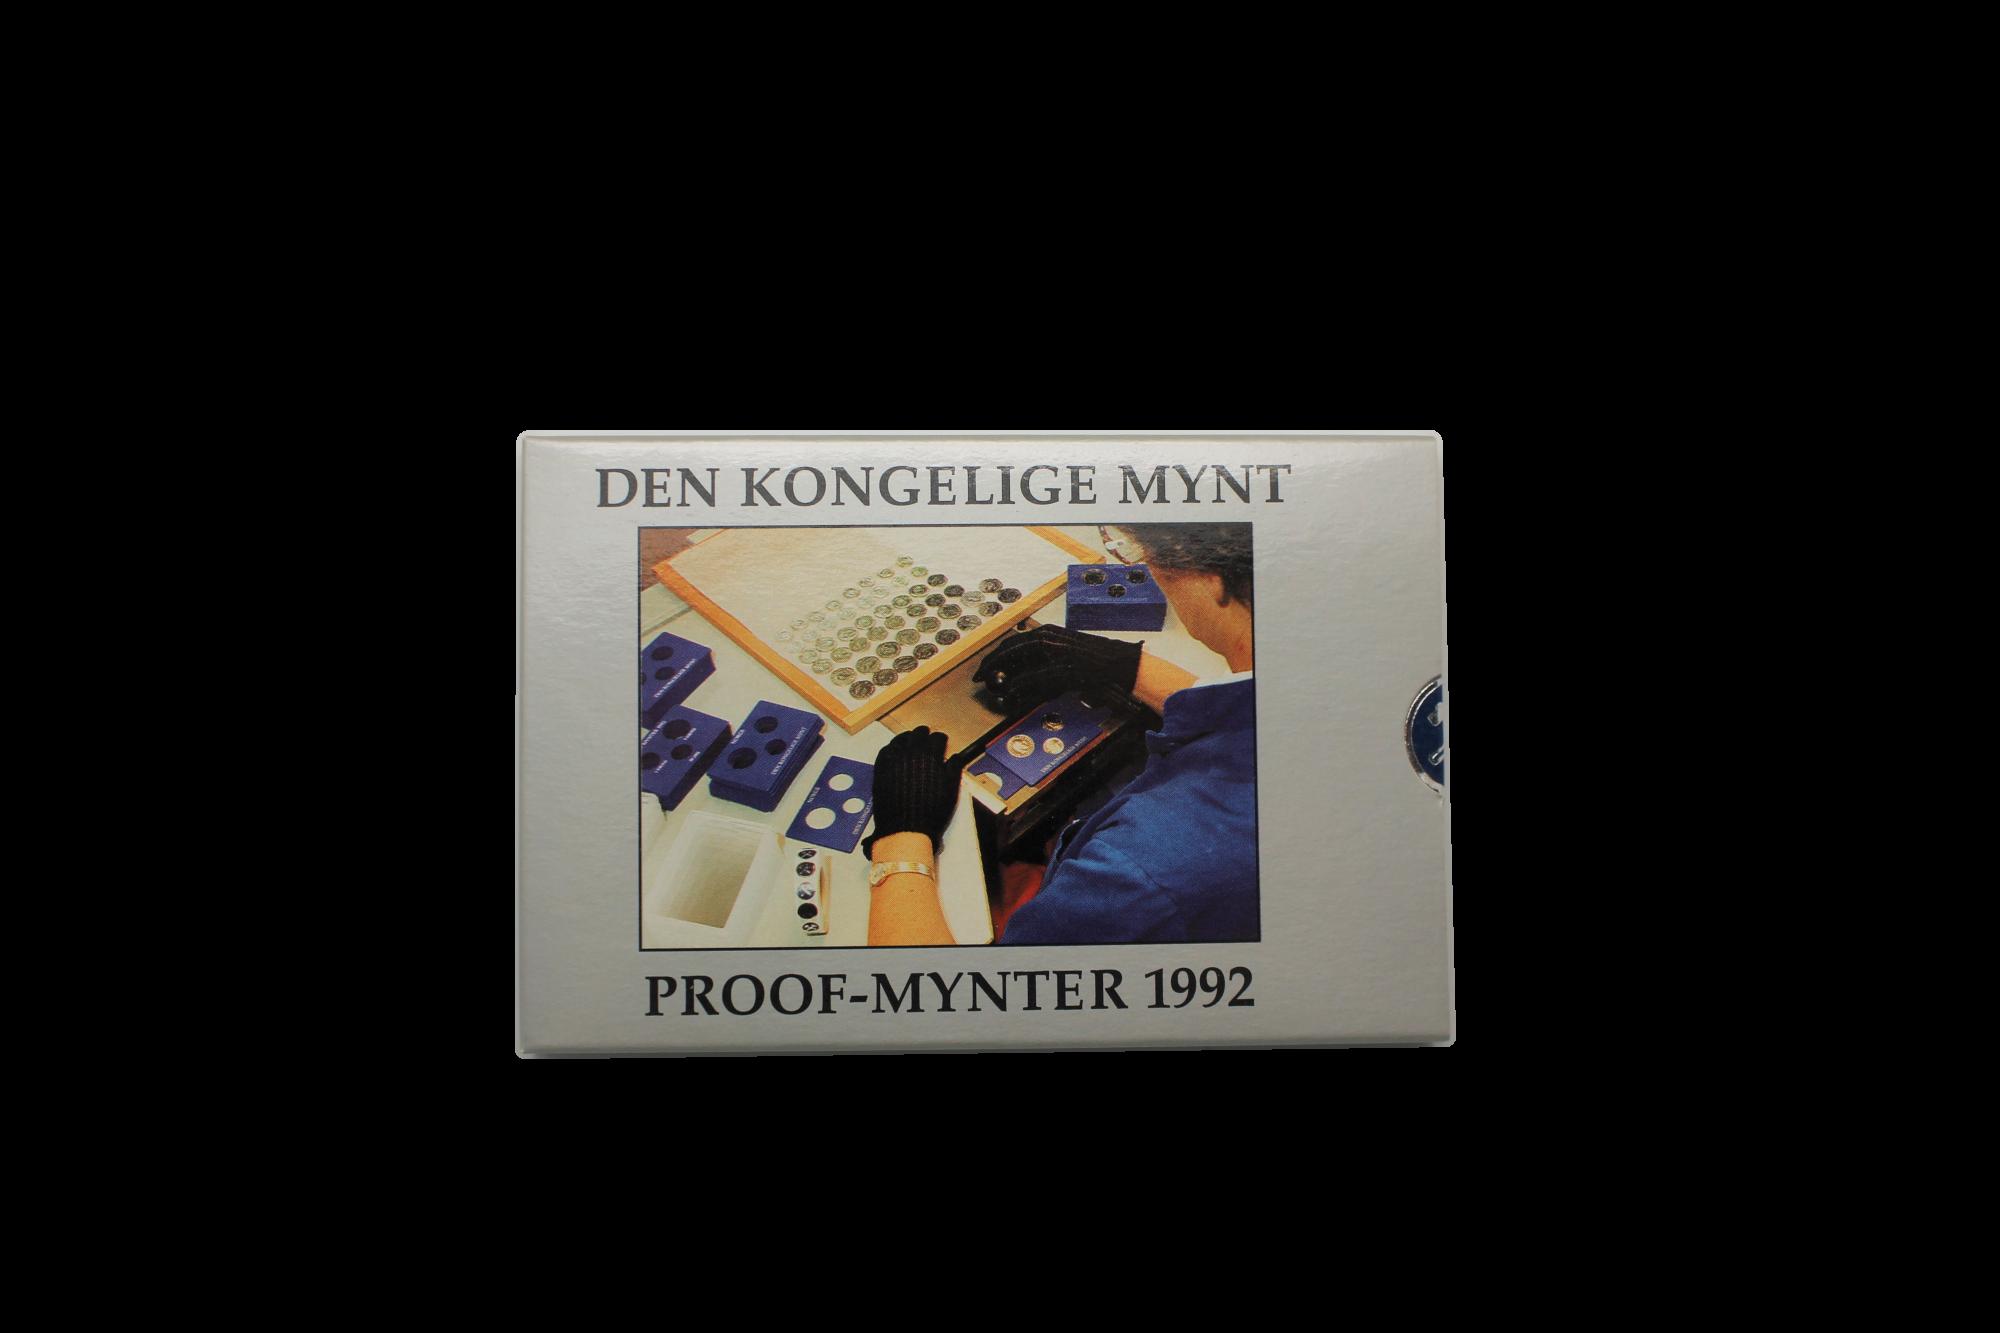 Proofsett 1992 forside innpakning